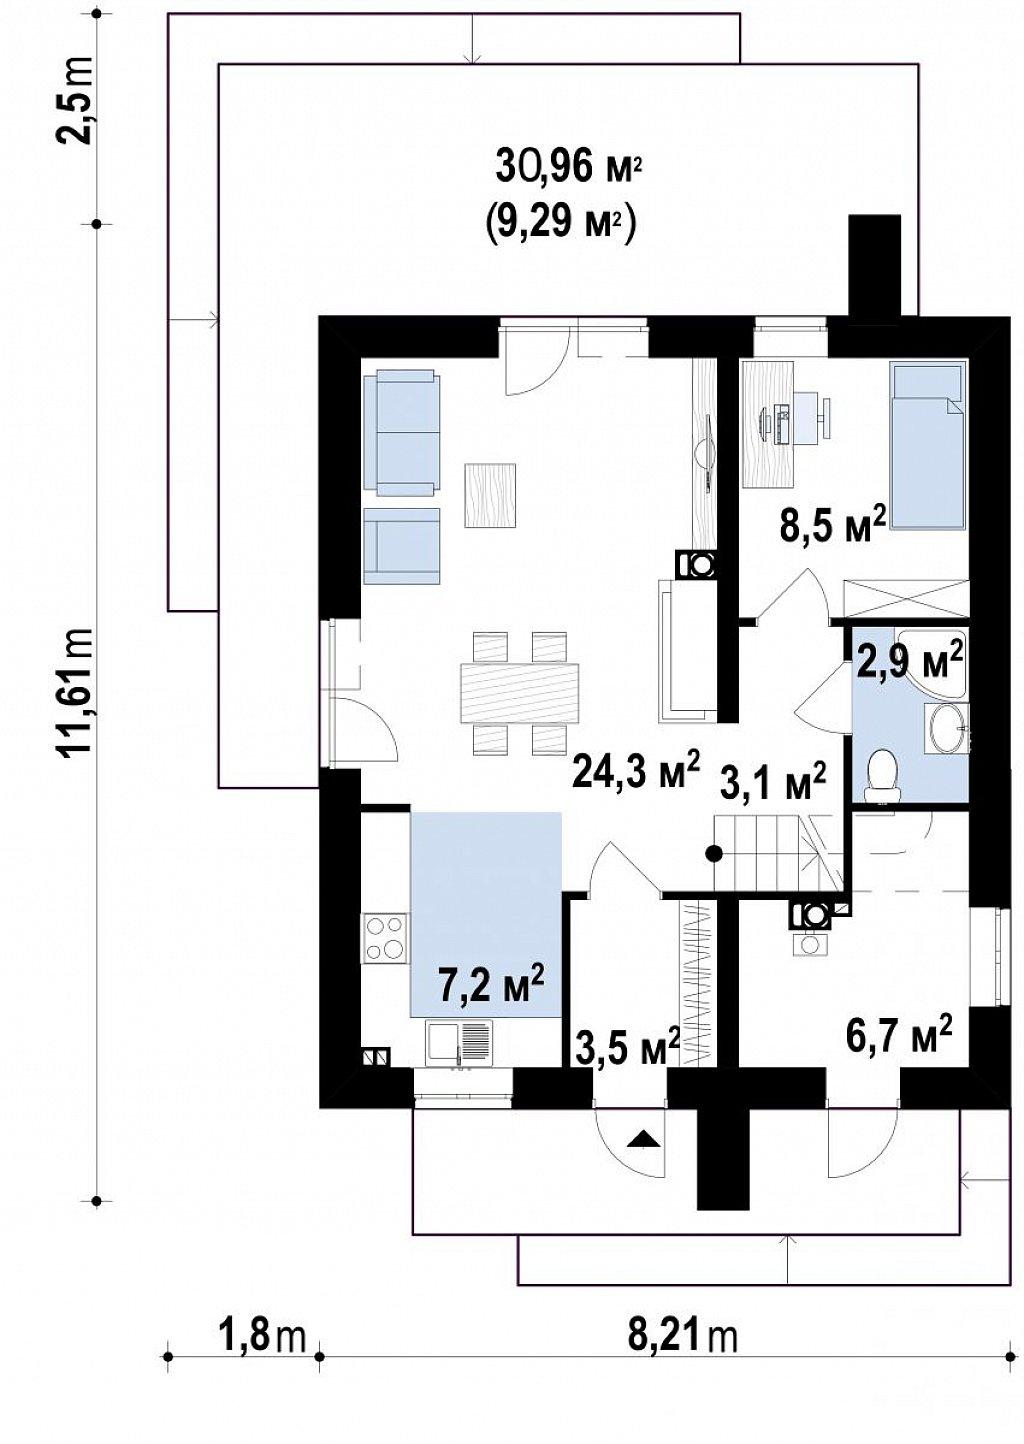 Компактный двухэтажный дом для узких участков. план помещений 1